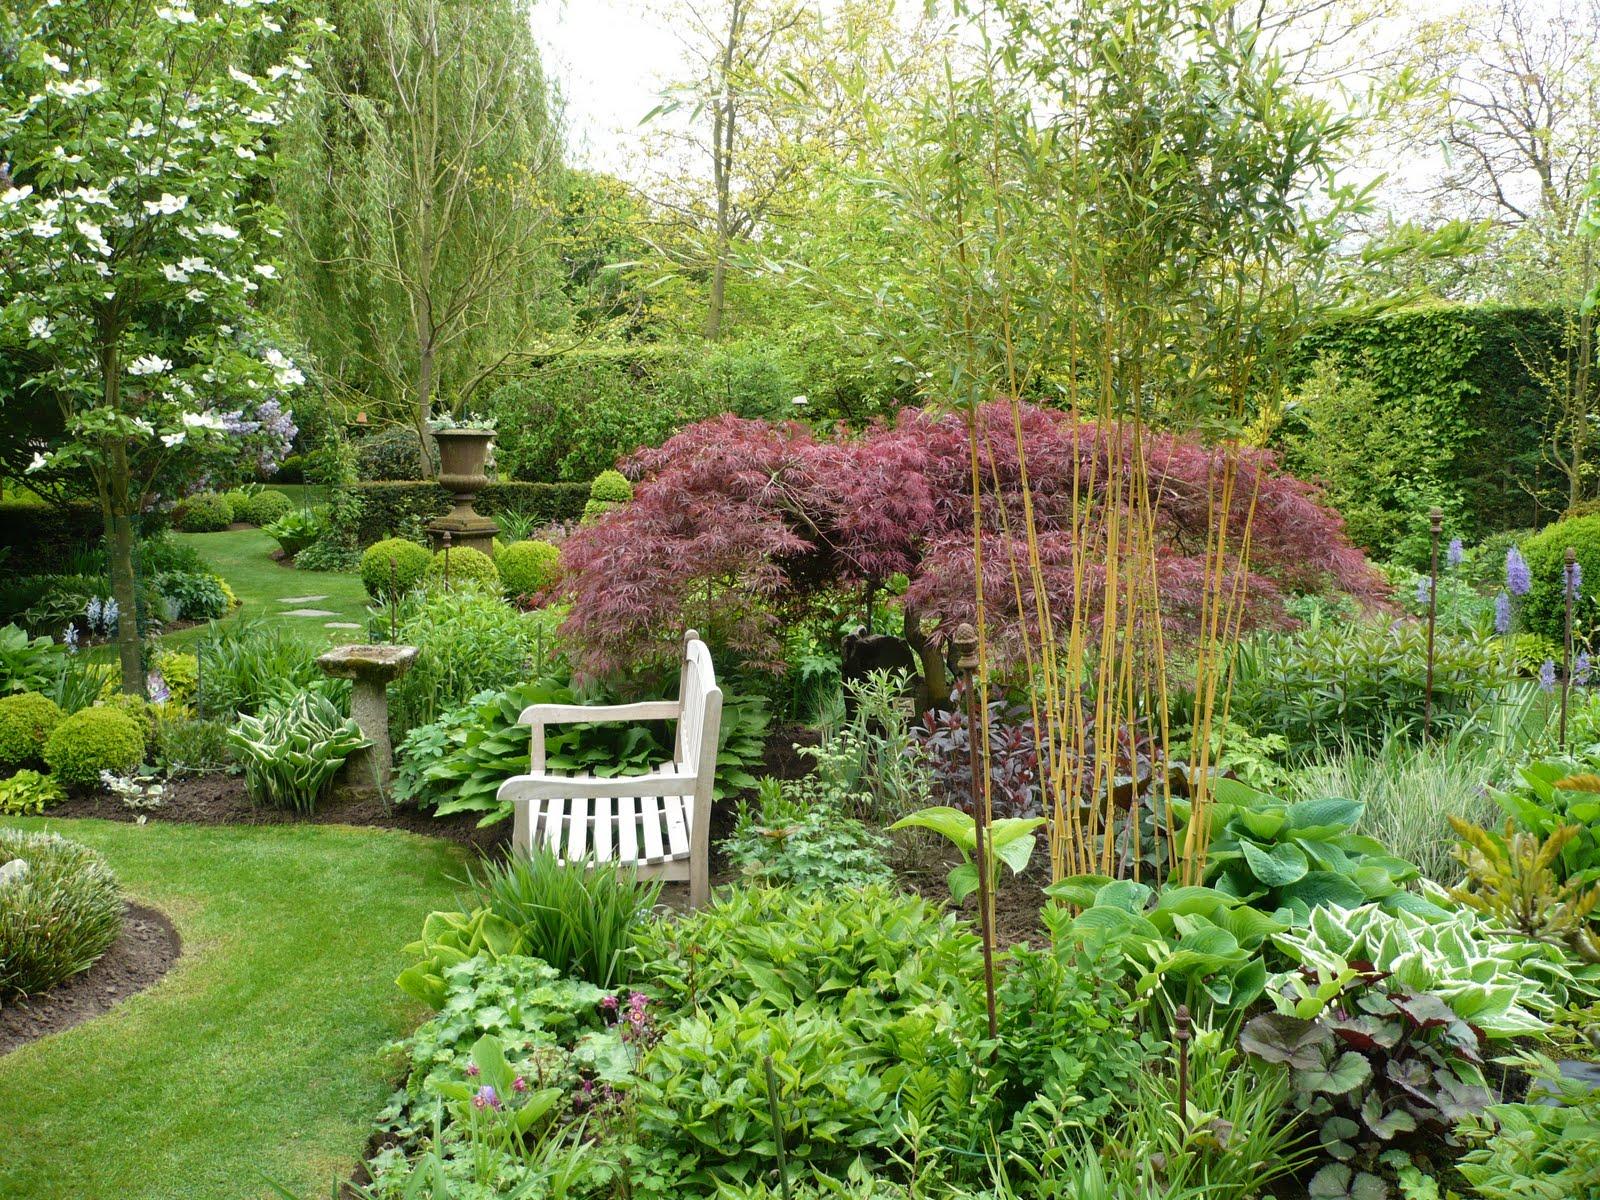 Balades dans de beaux jardins jardin de vic et anne for Plantes pour jardin anglais